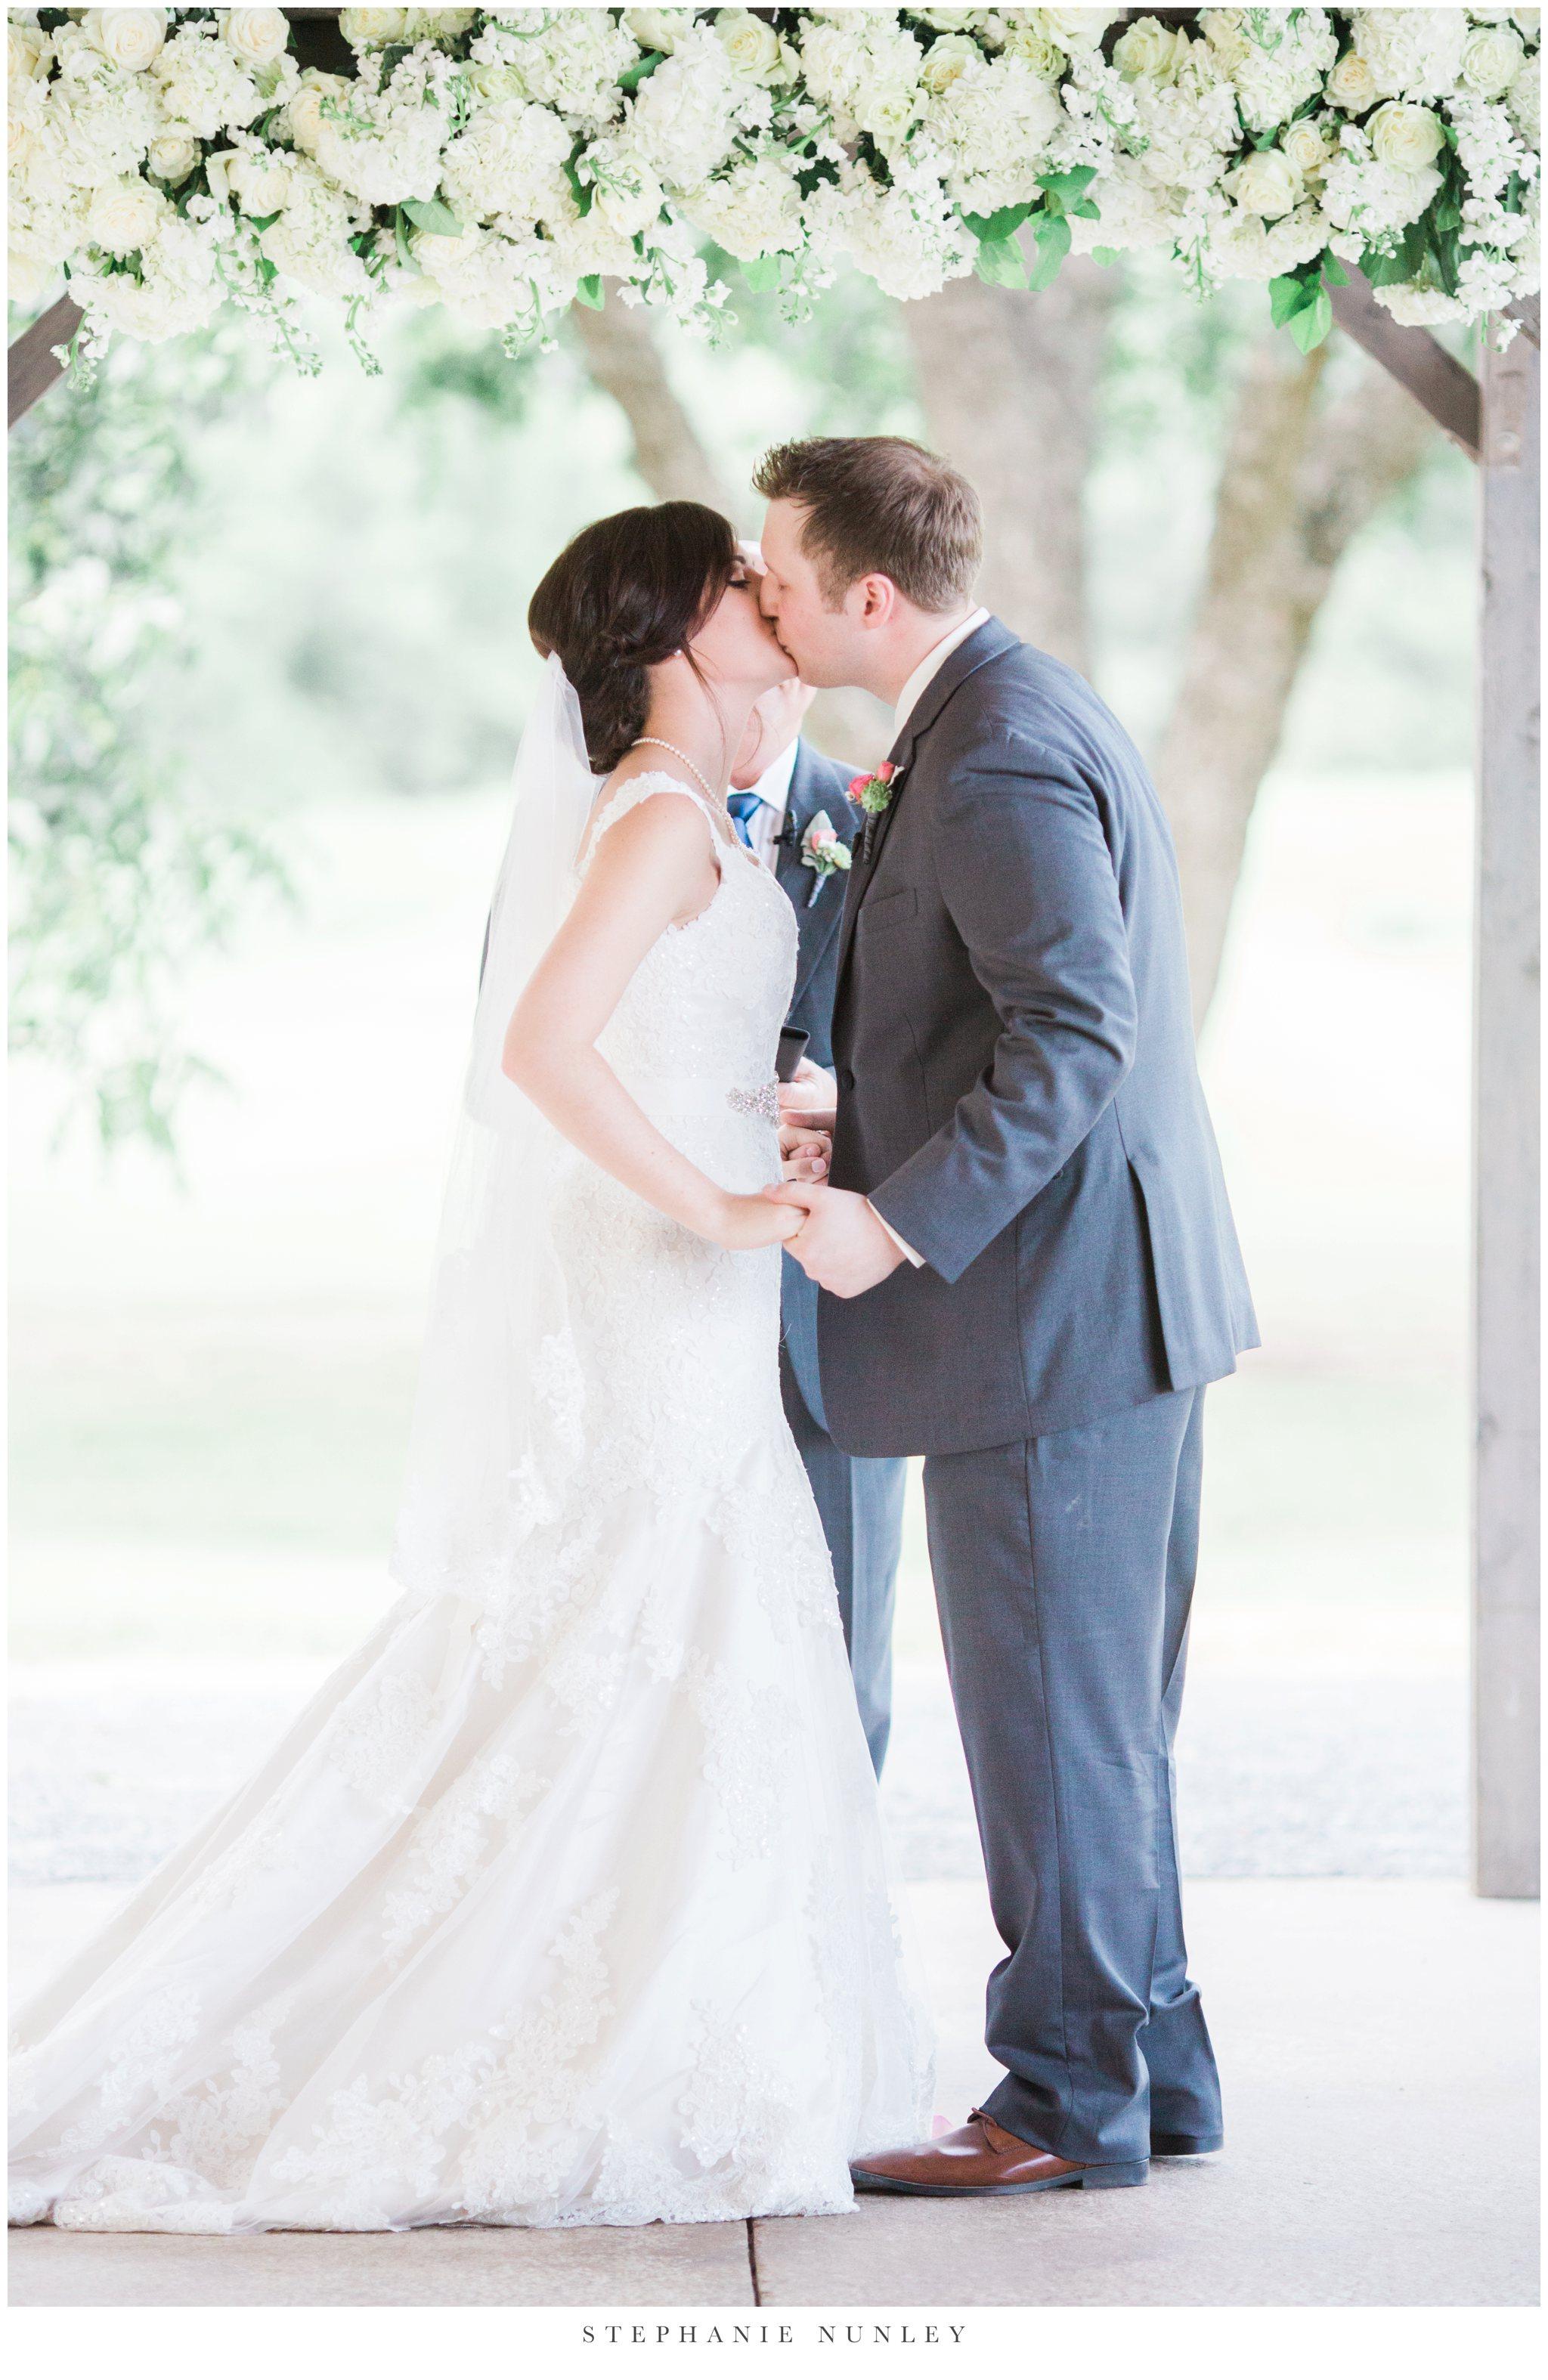 arkansas-outdoor-film-inspired-wedding-0040.jpg